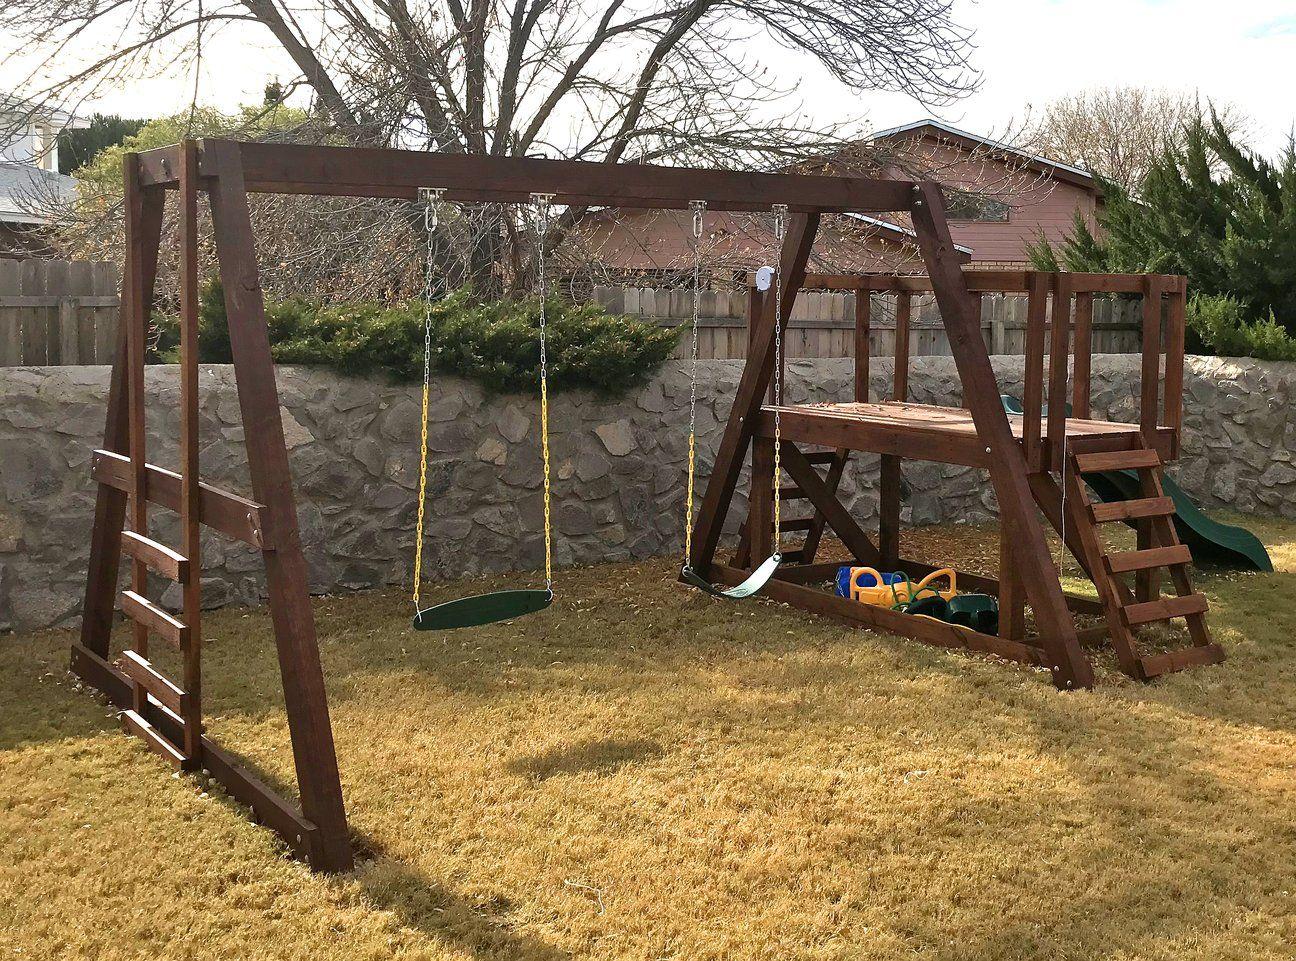 Pauls Swingset In 2019 Projects Swing Set Plans Wooden Swing